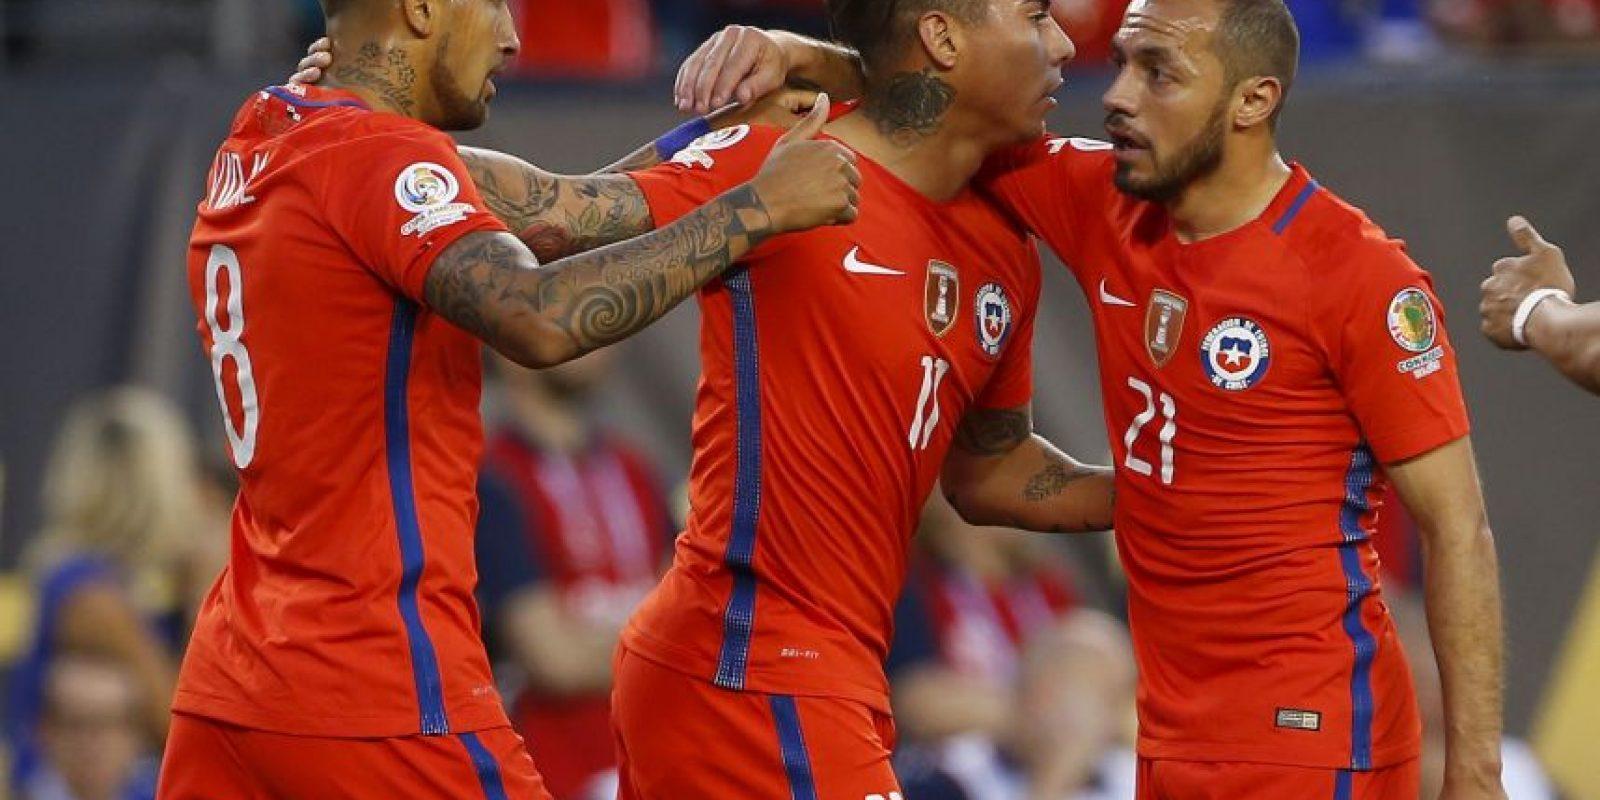 Chile comenzó con el pie izquierdo la Copa América Centenario y cayó ante Argentina por 2 a 1. Luego venció a Bolivia y Panamá para asegurar el segundo lugar de la Copa América Centenario Foto:Getty Images